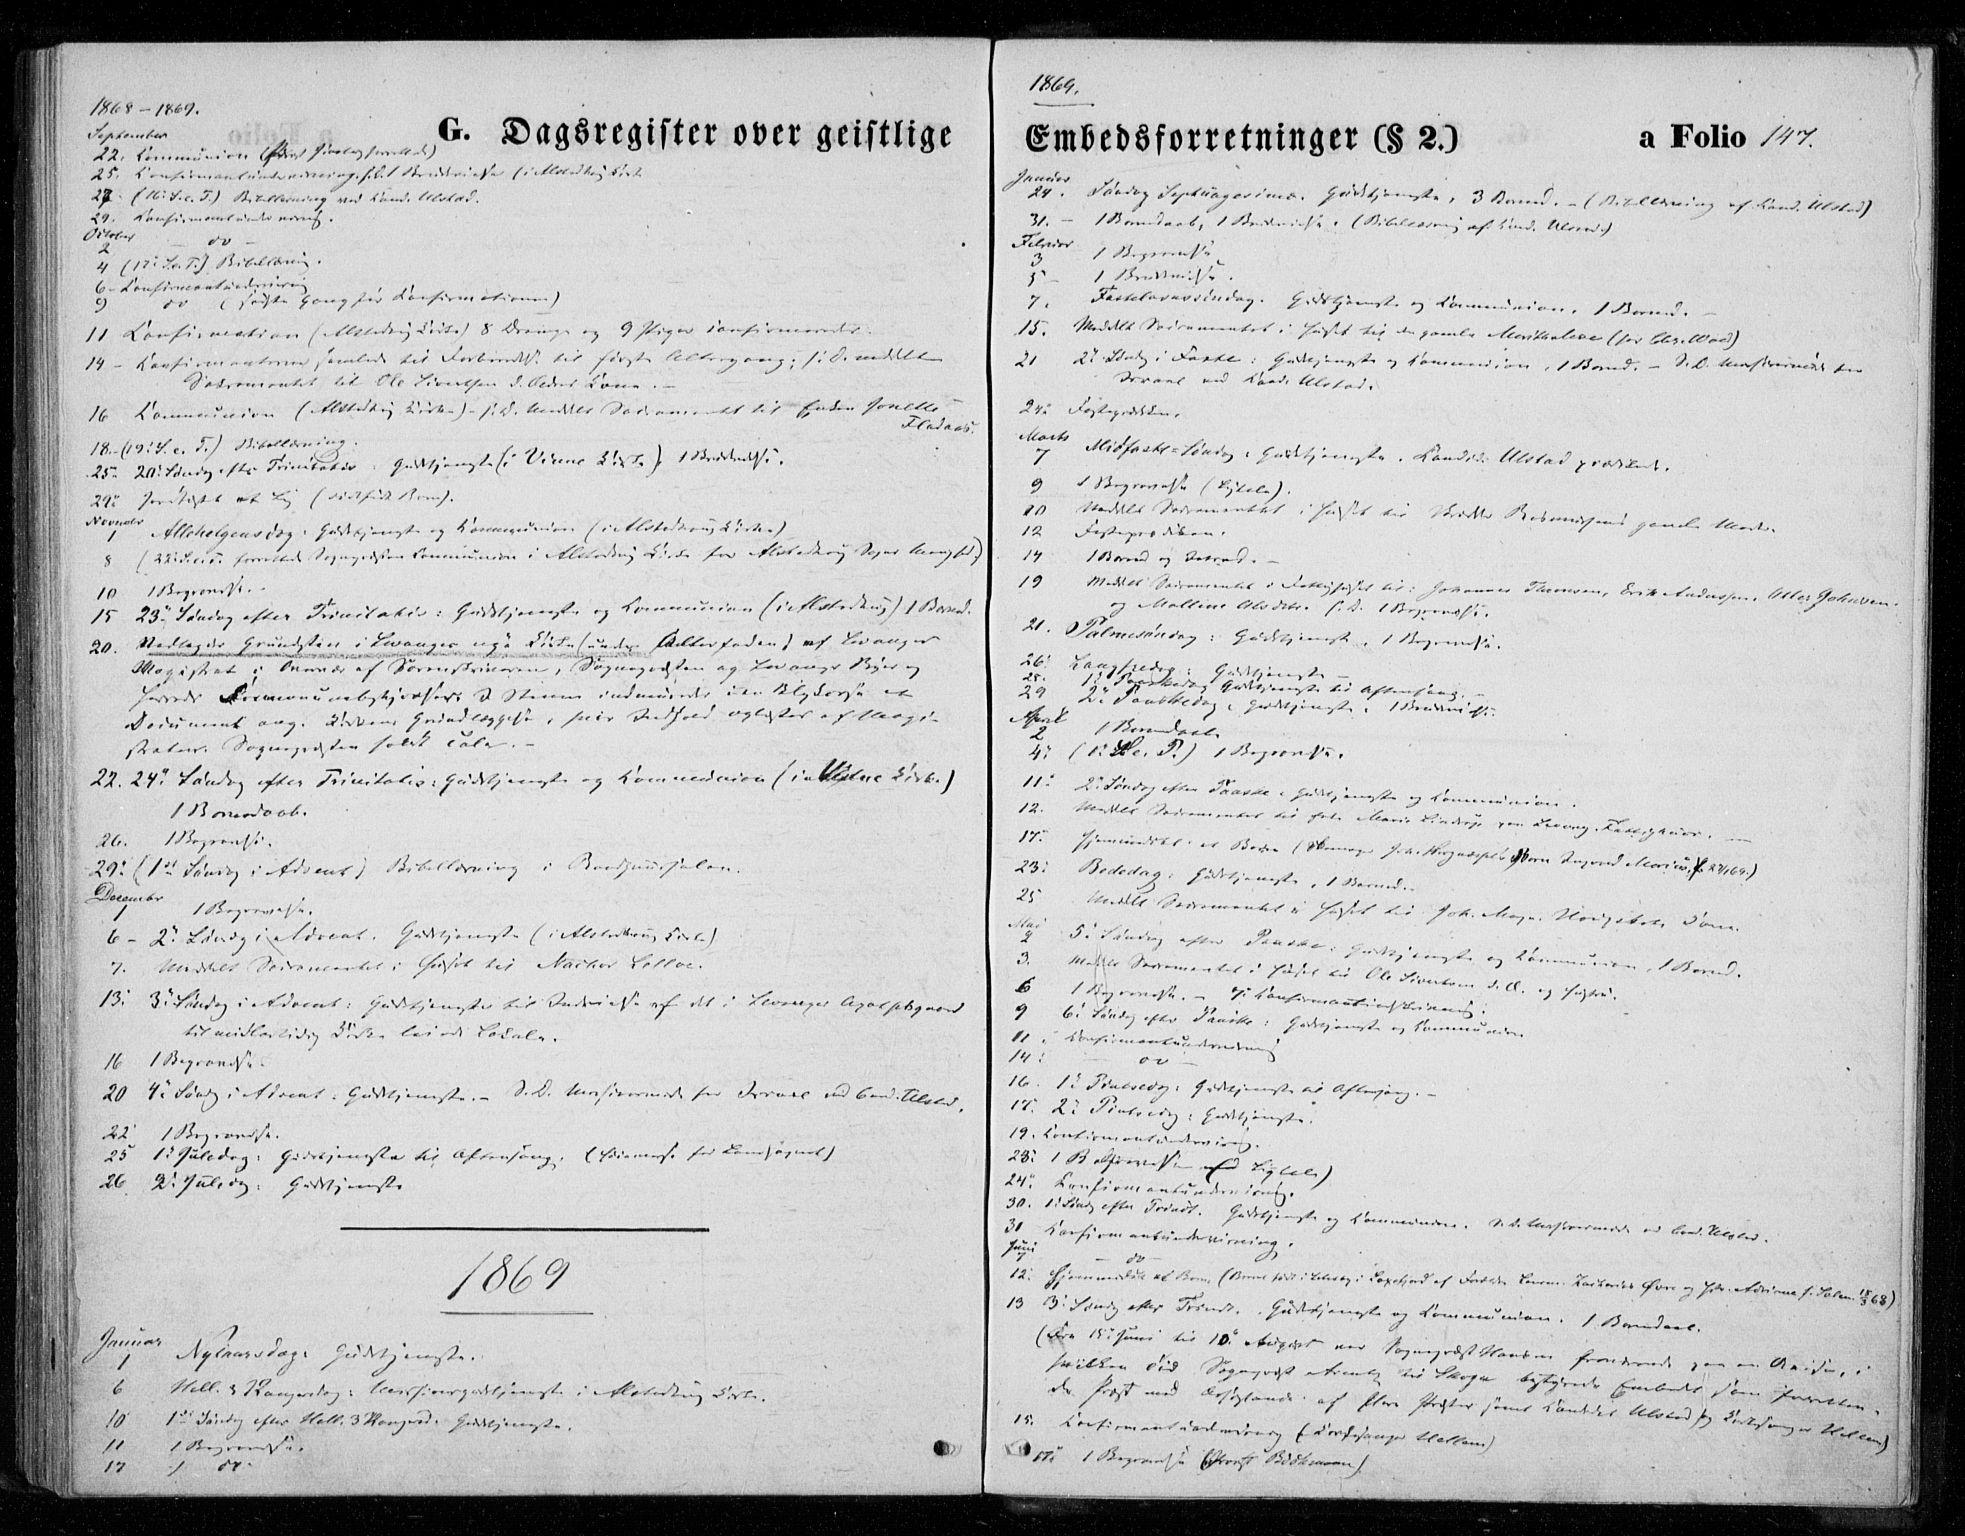 SAT, Ministerialprotokoller, klokkerbøker og fødselsregistre - Nord-Trøndelag, 720/L0186: Ministerialbok nr. 720A03, 1864-1874, s. 147